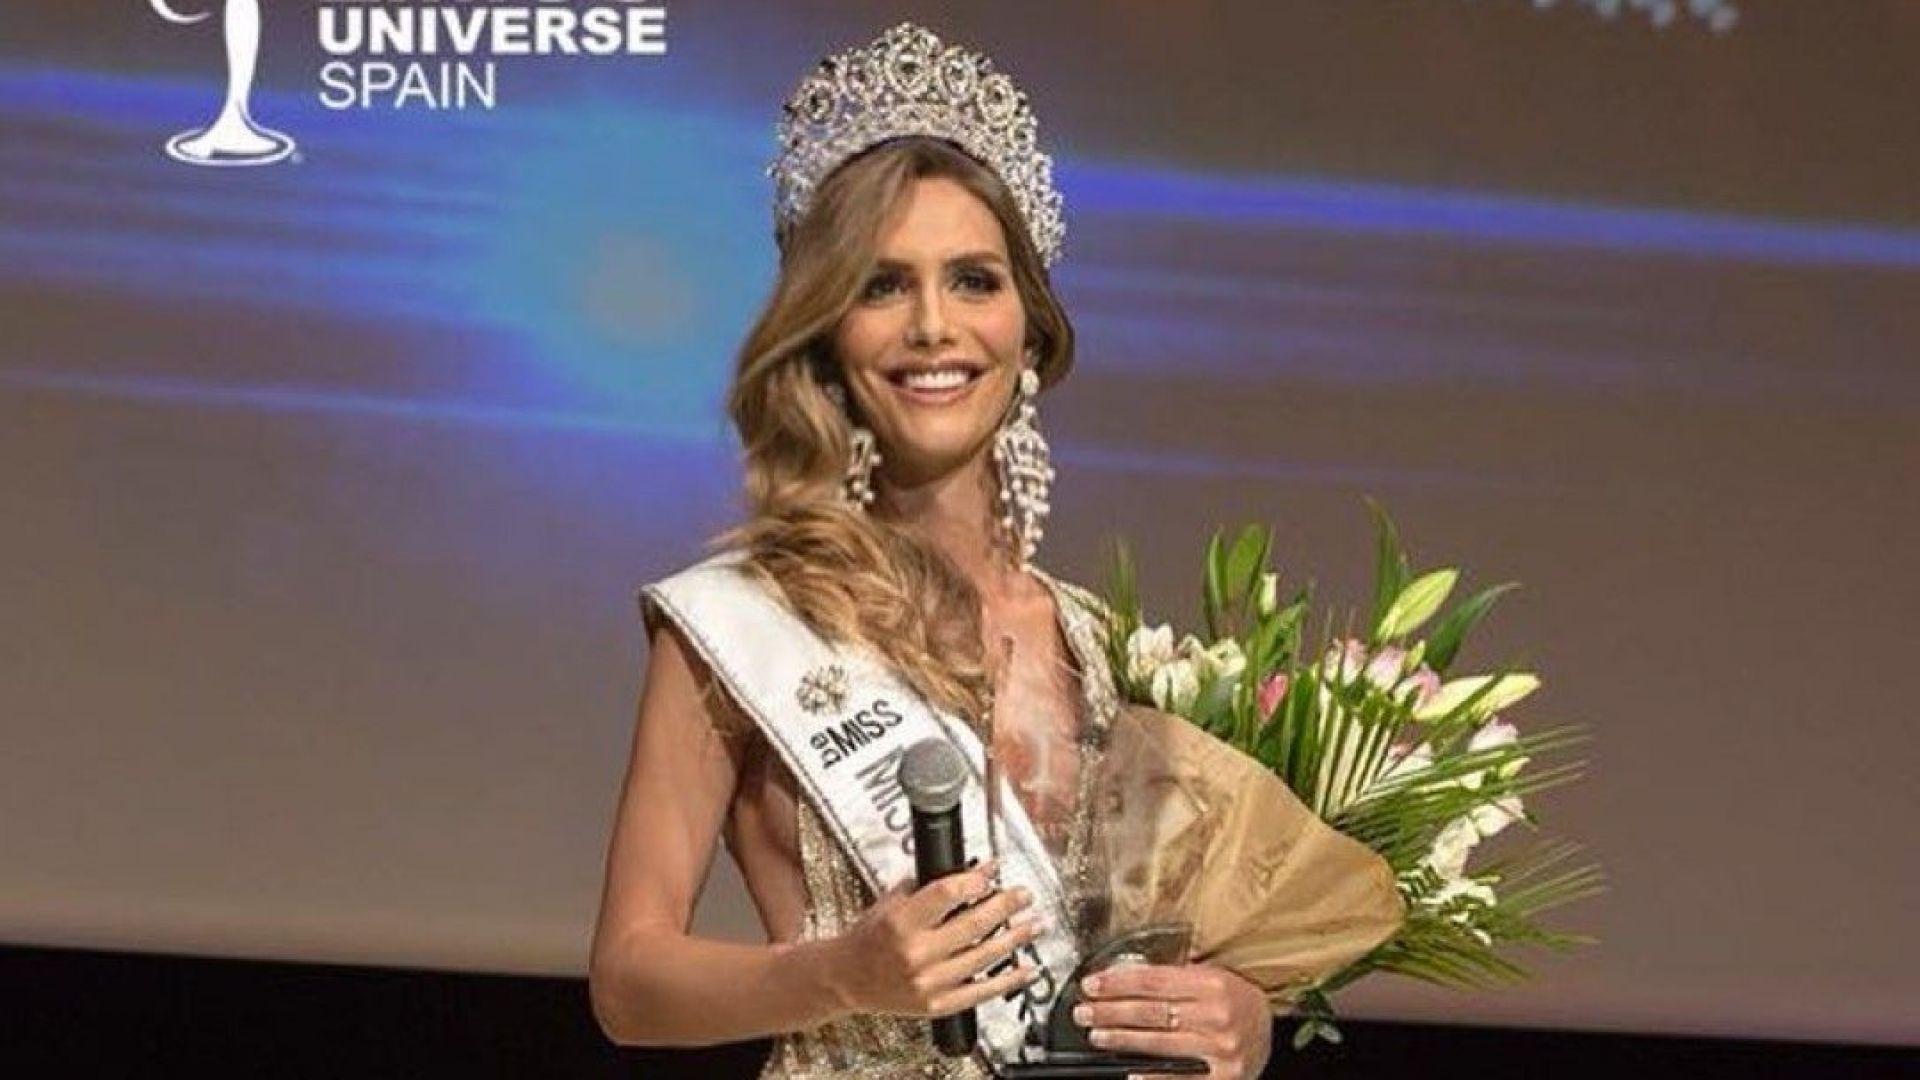 """Анхела Понсе стана първата трансджендър жена, спечелила """"Мис Вселена Испания"""""""